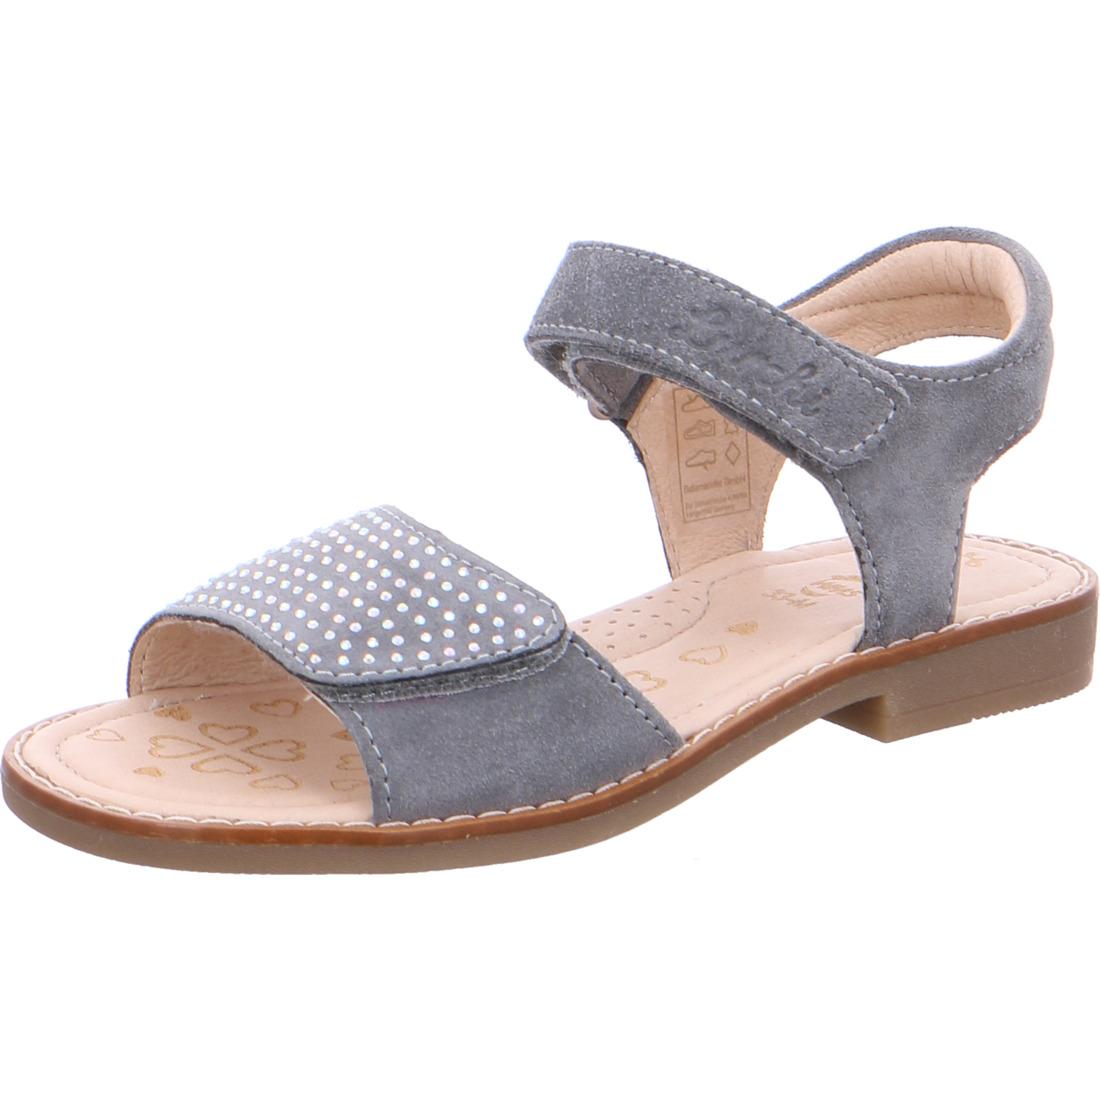 m dchen sandale zuzu grau sandalen pantoletten m dchen lurchi shop. Black Bedroom Furniture Sets. Home Design Ideas